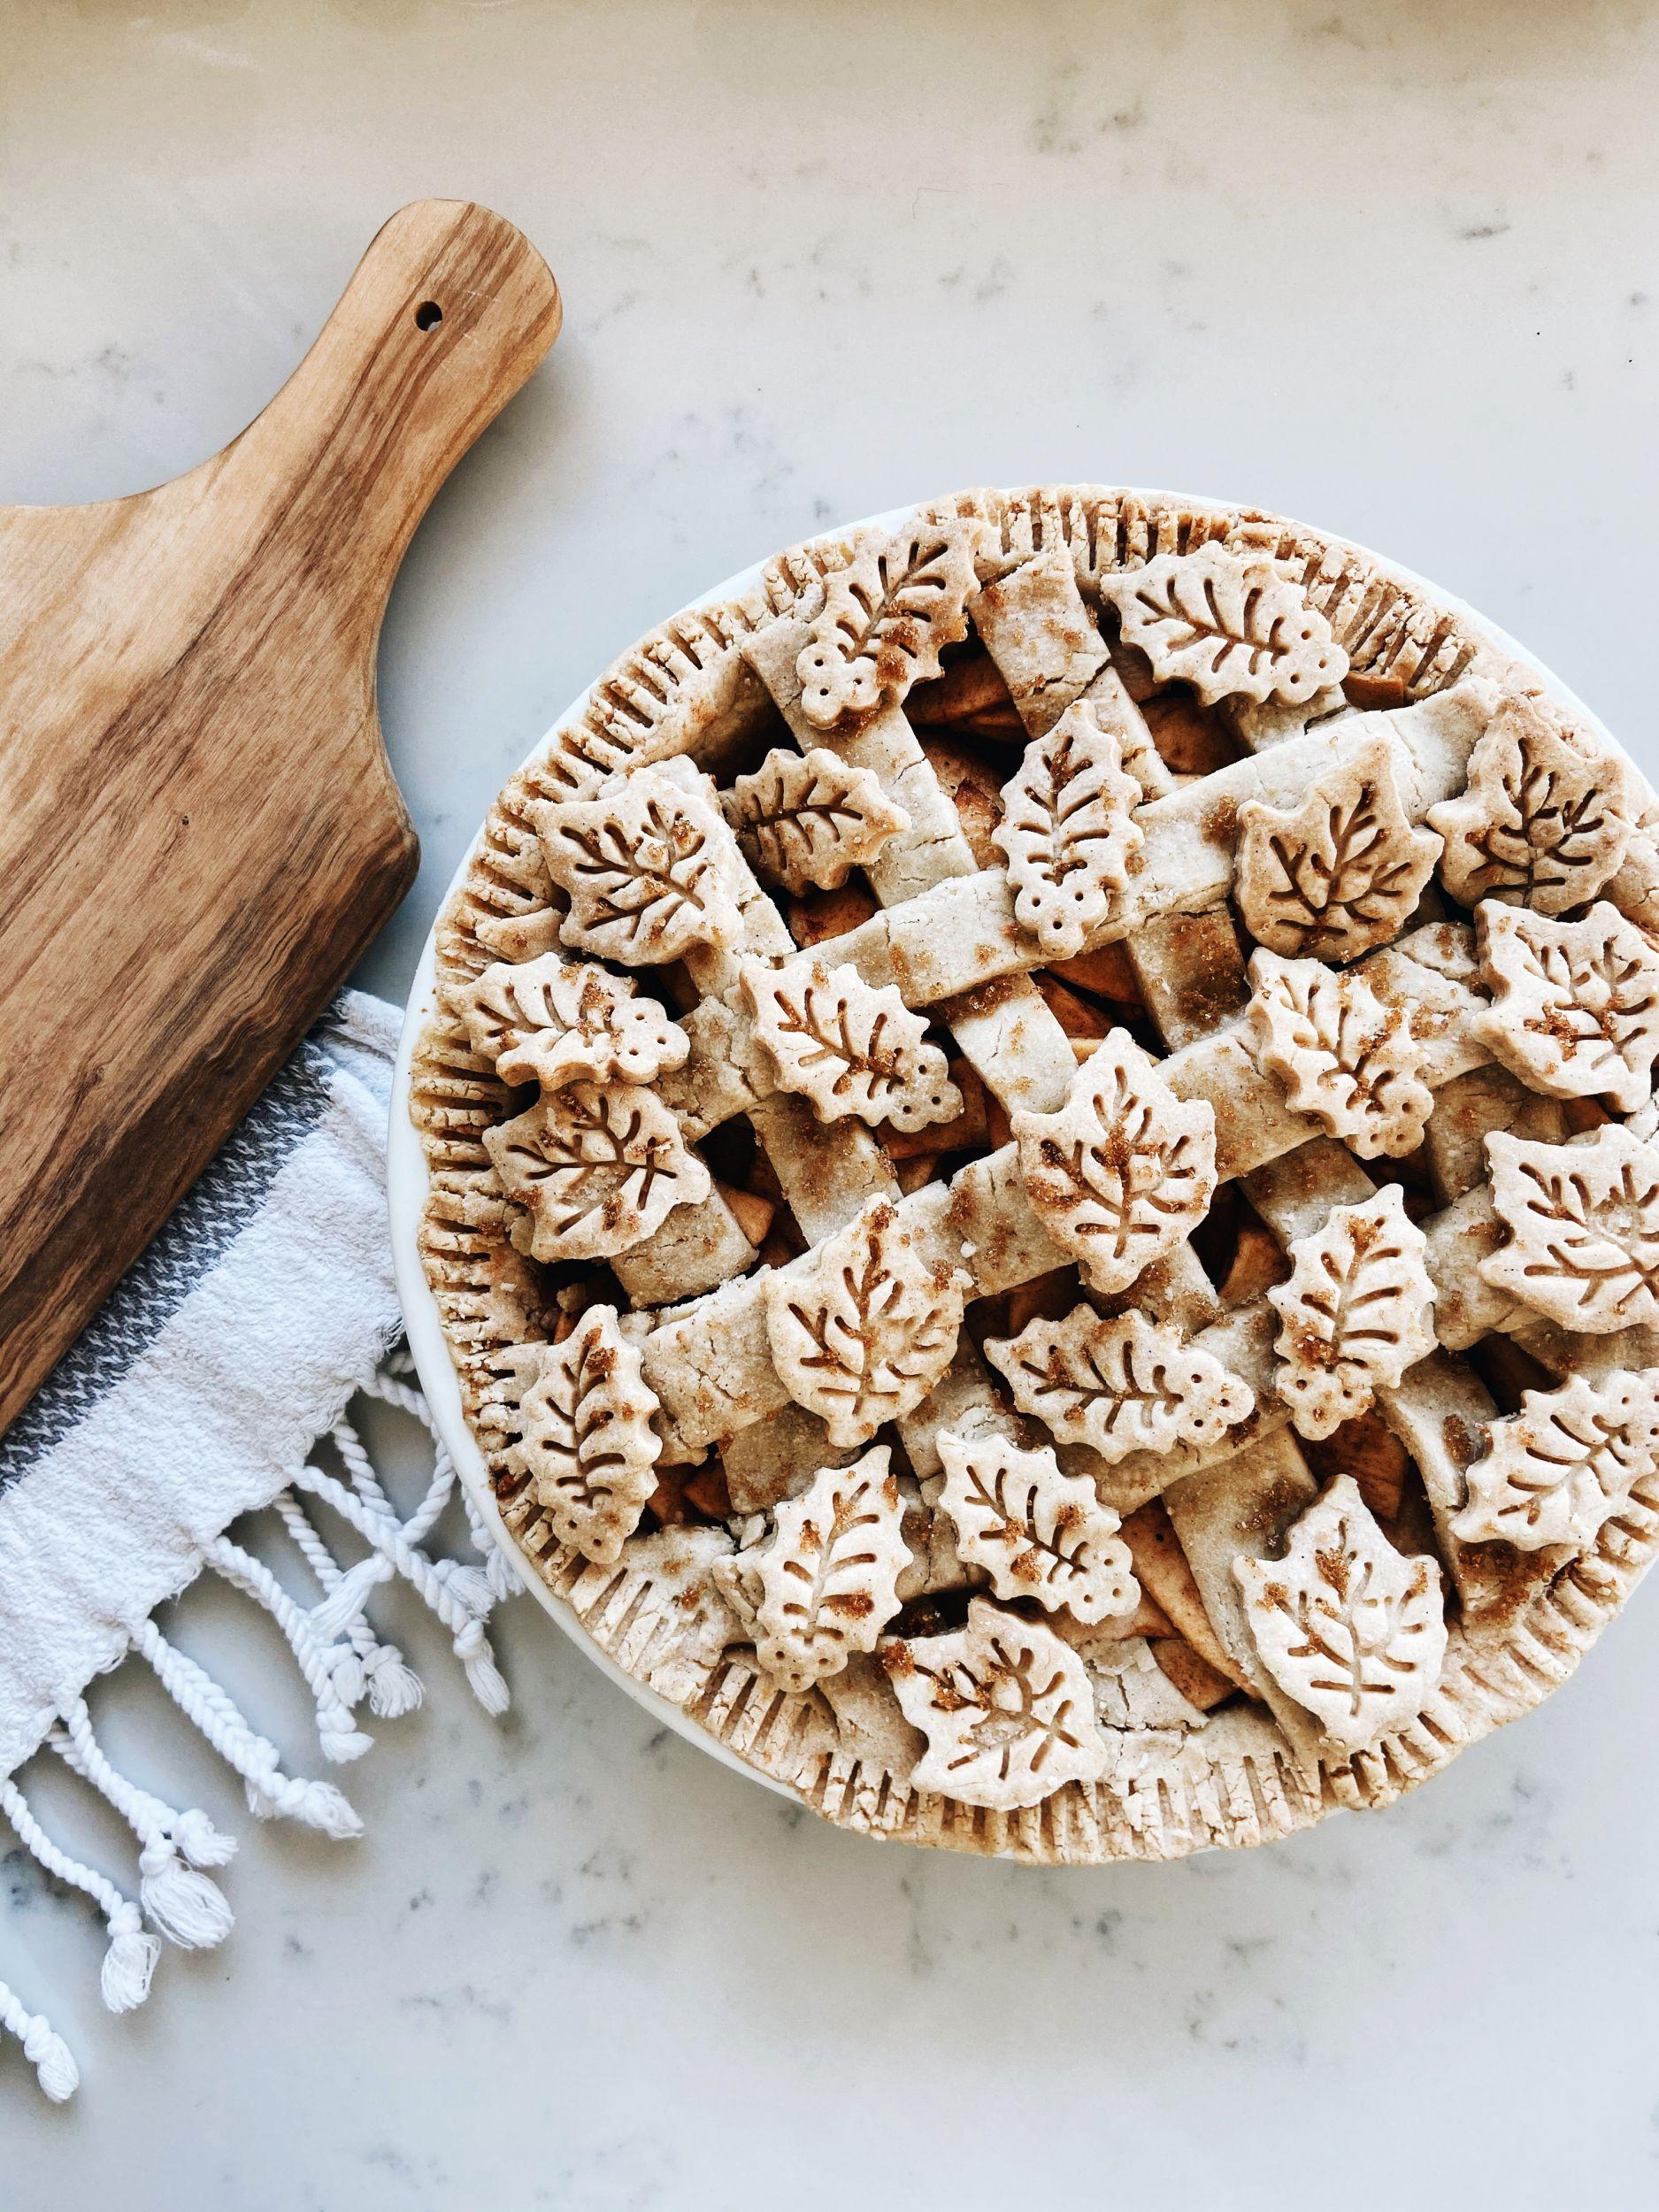 Our Gluten-Free Vegan Apple Pie